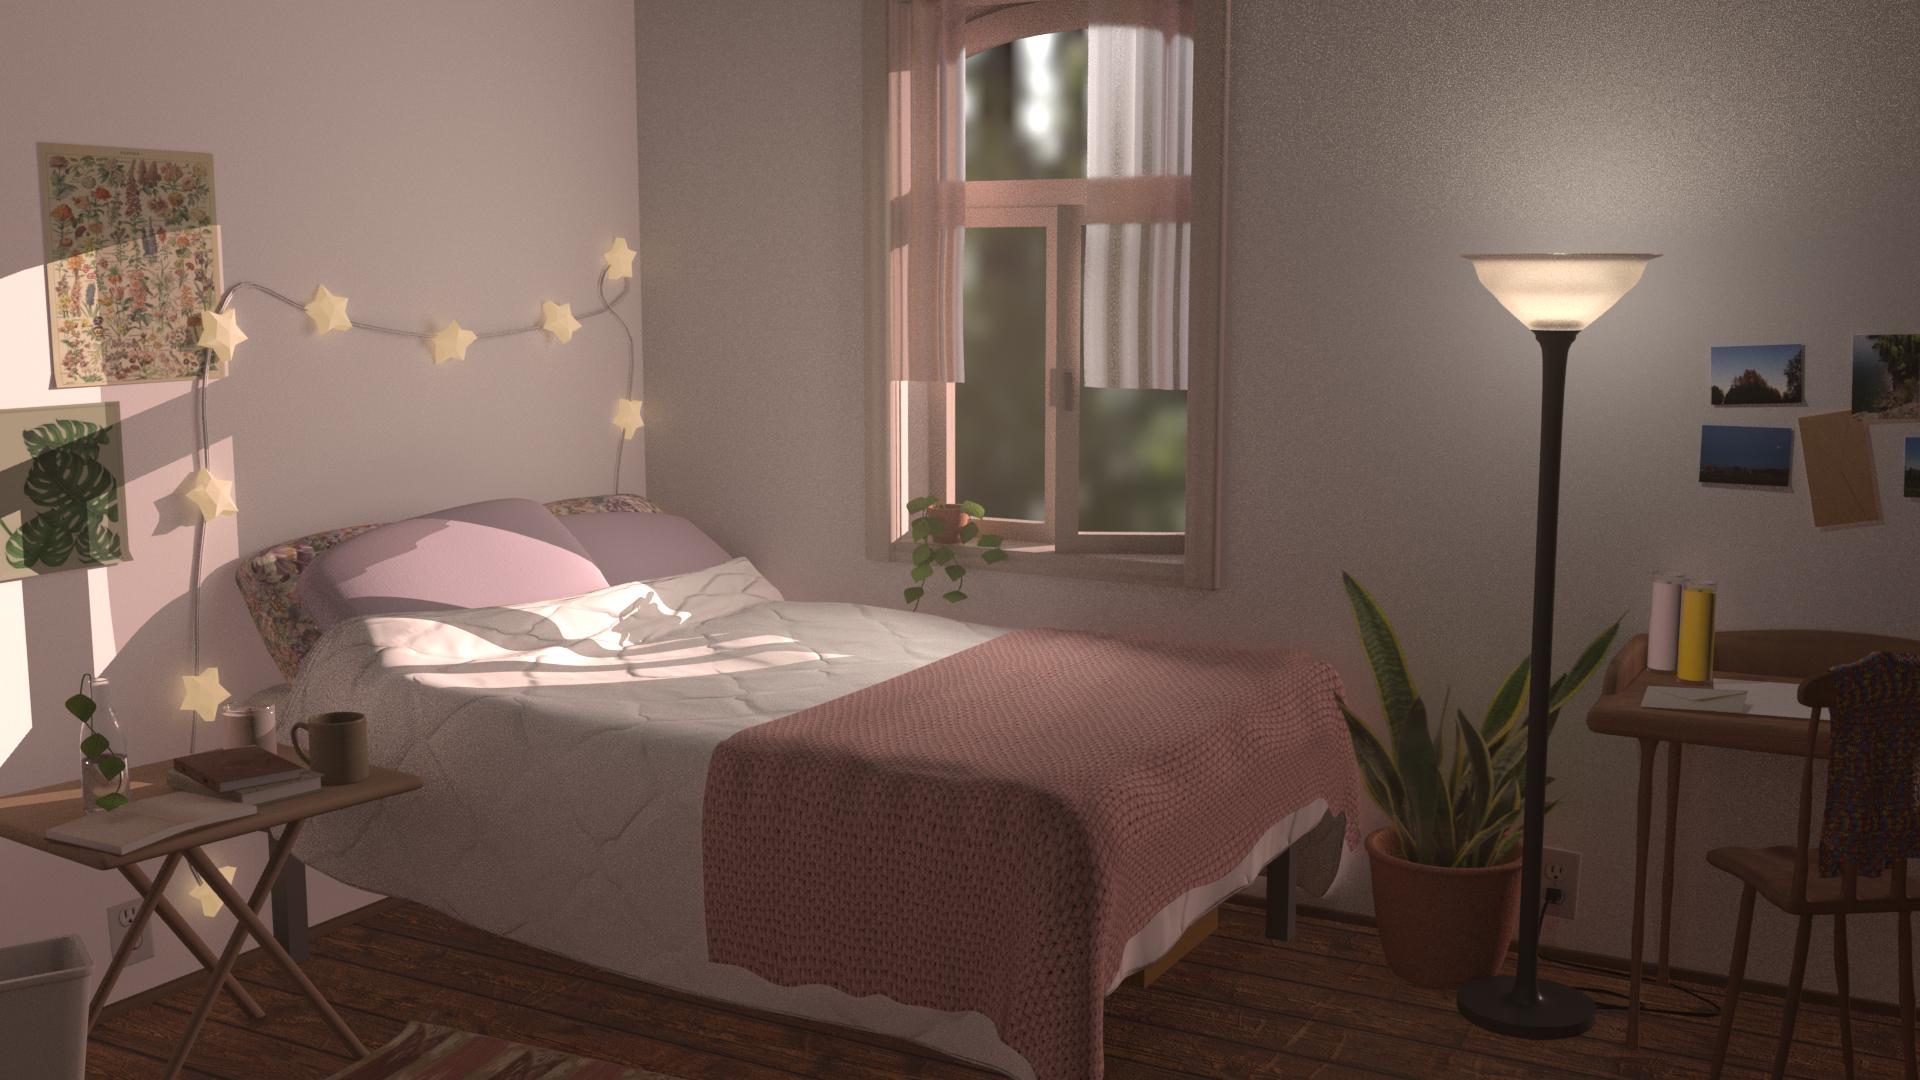 bedroom_3.31.png